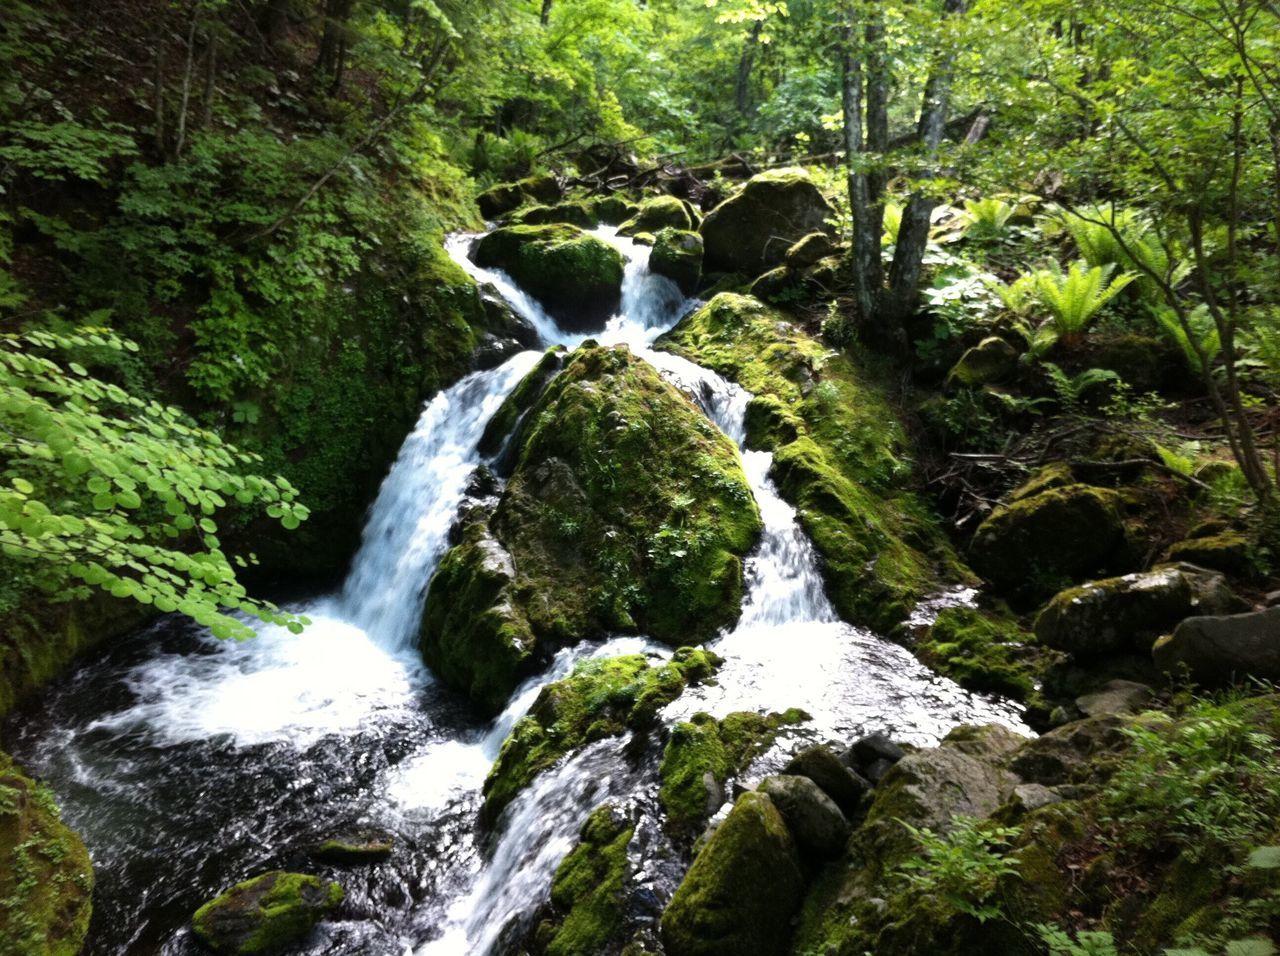 松原湖高原 Japan Nagano Saku Koumi Nature Nature Photography Nature_collection Naturelovers Mountain Mountains Forest Forestwalk Forest Photography River